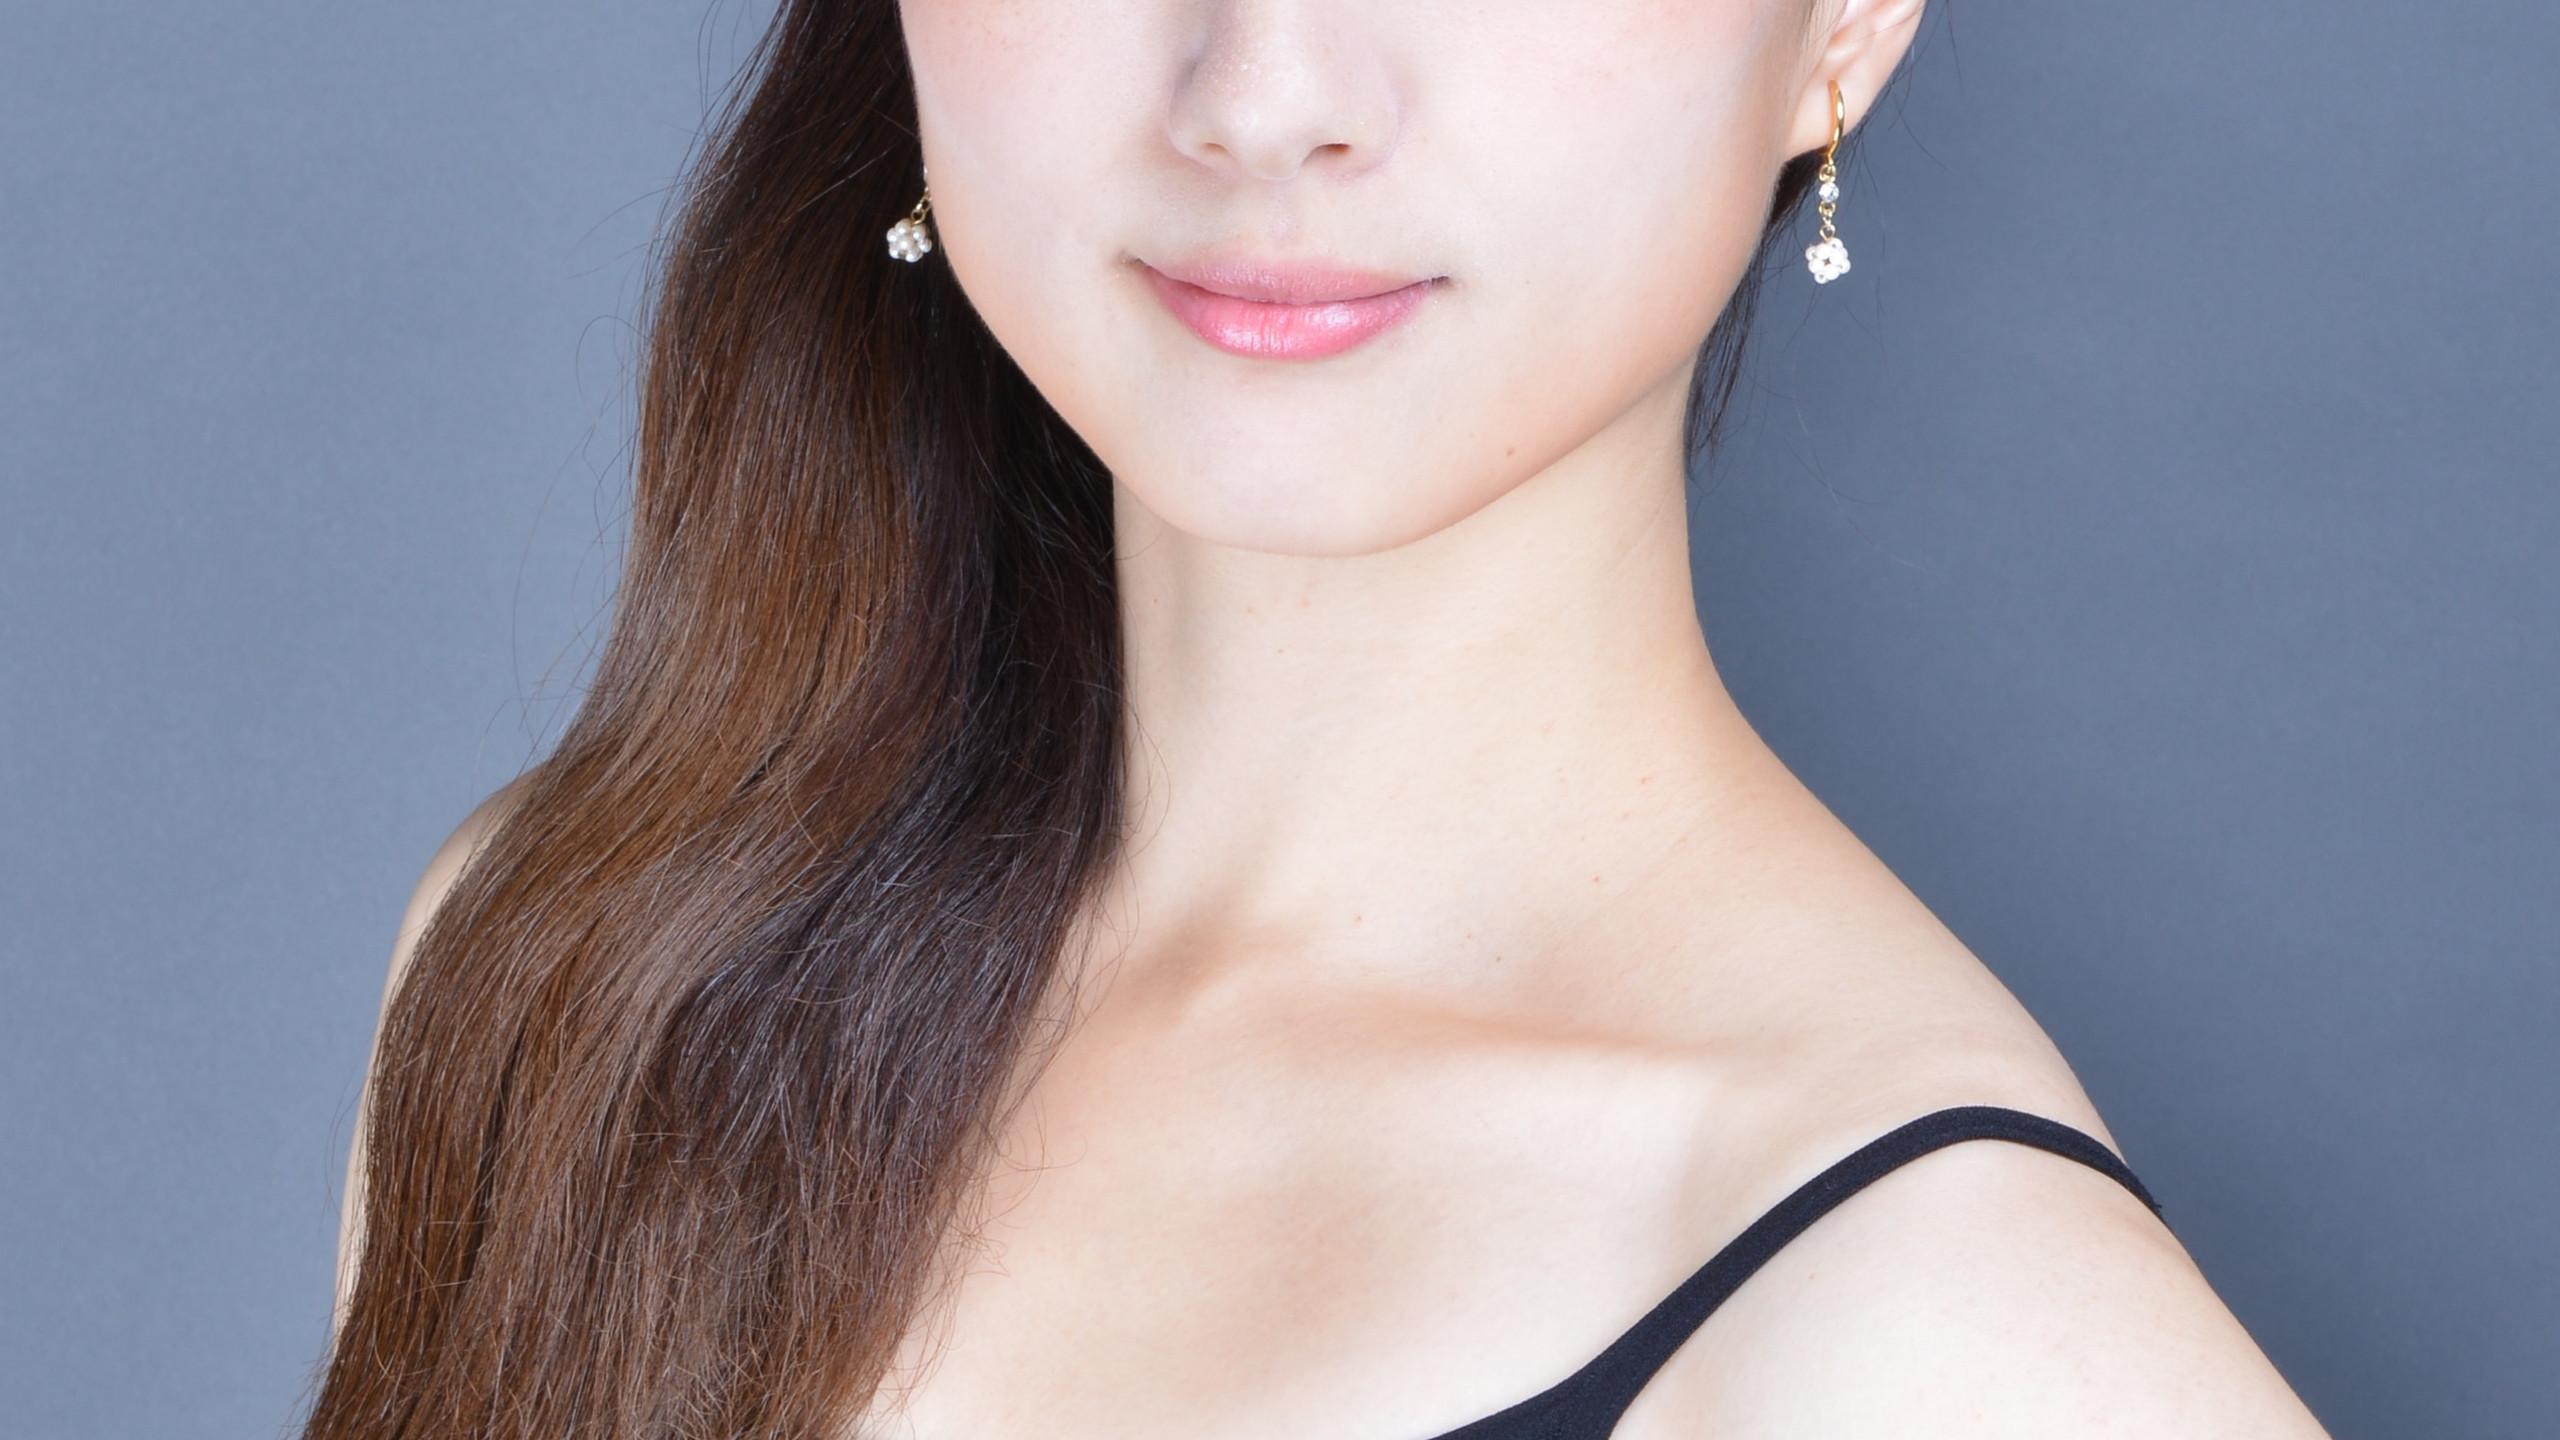 Moemi Yahagi